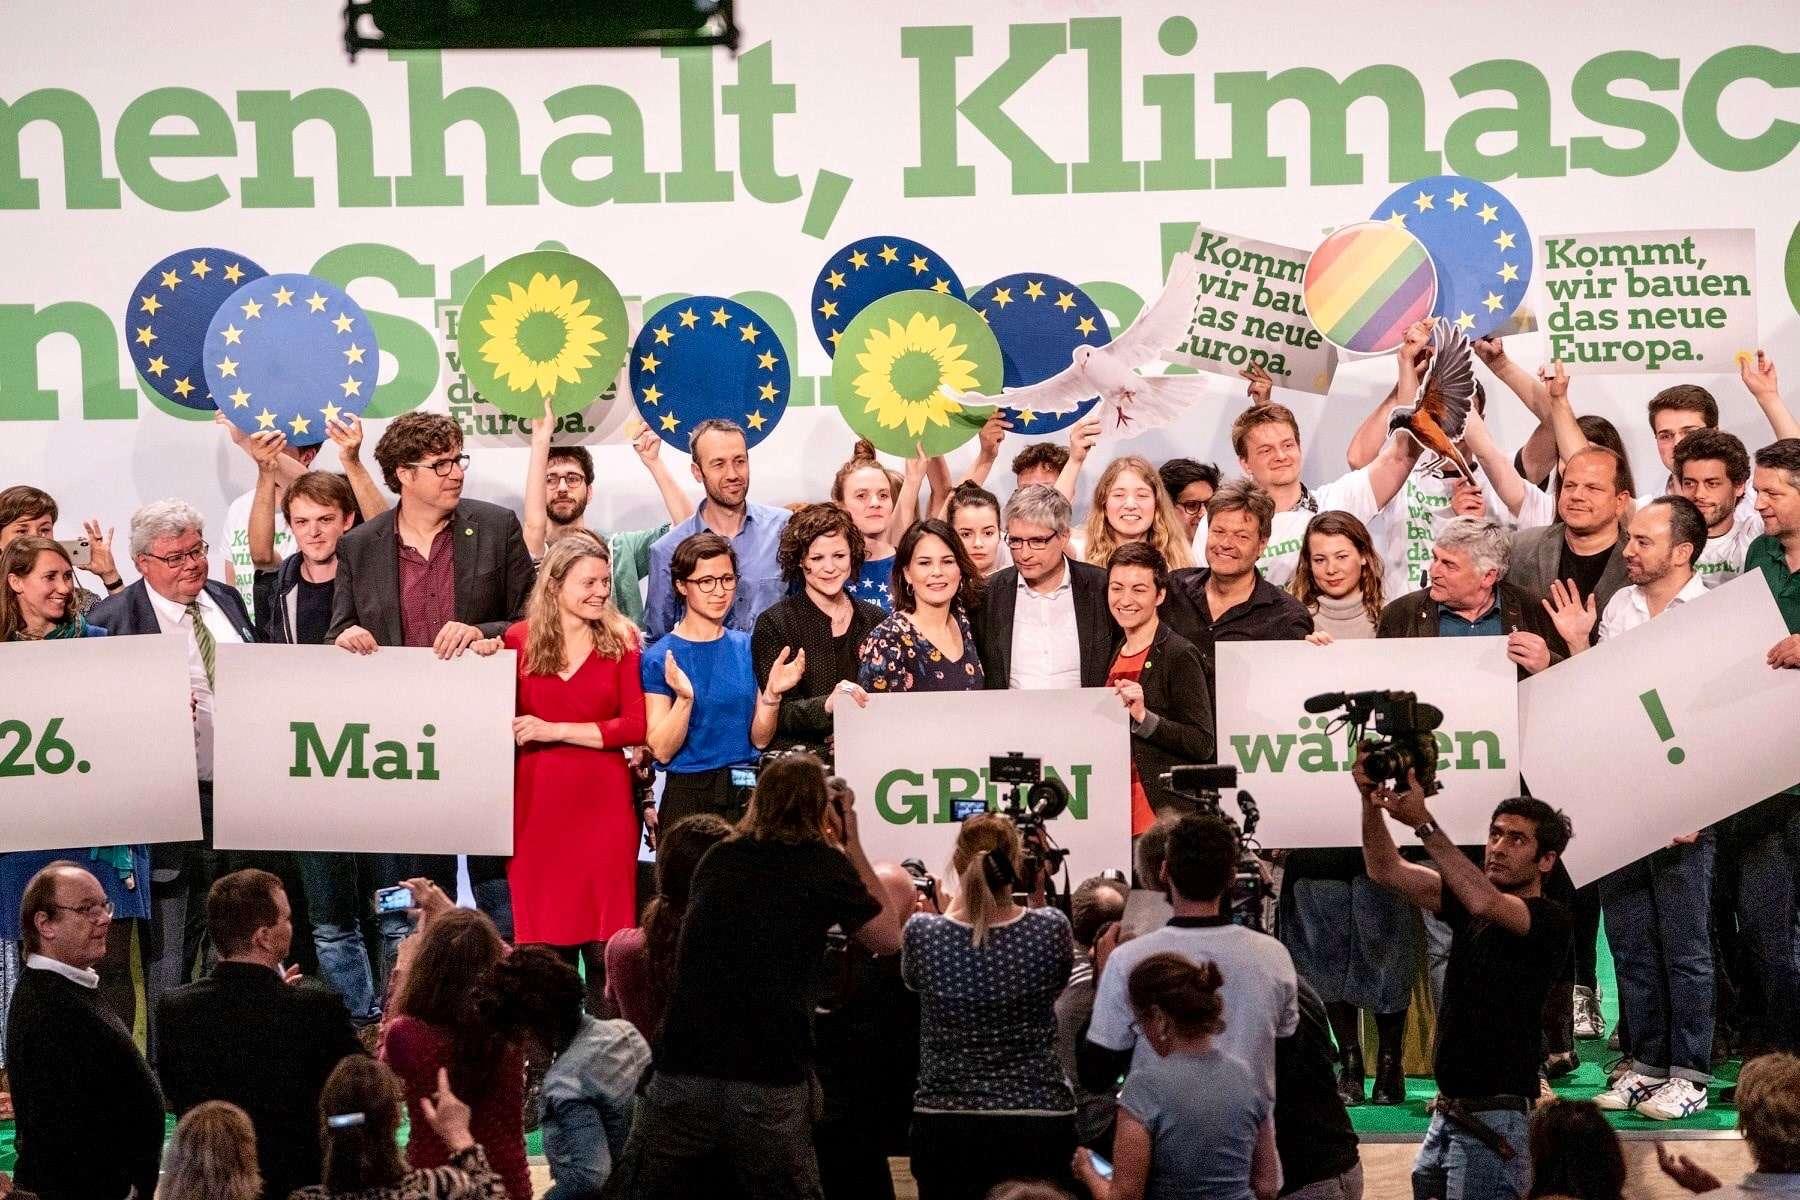 Grüner Parteitag zur Europawahl